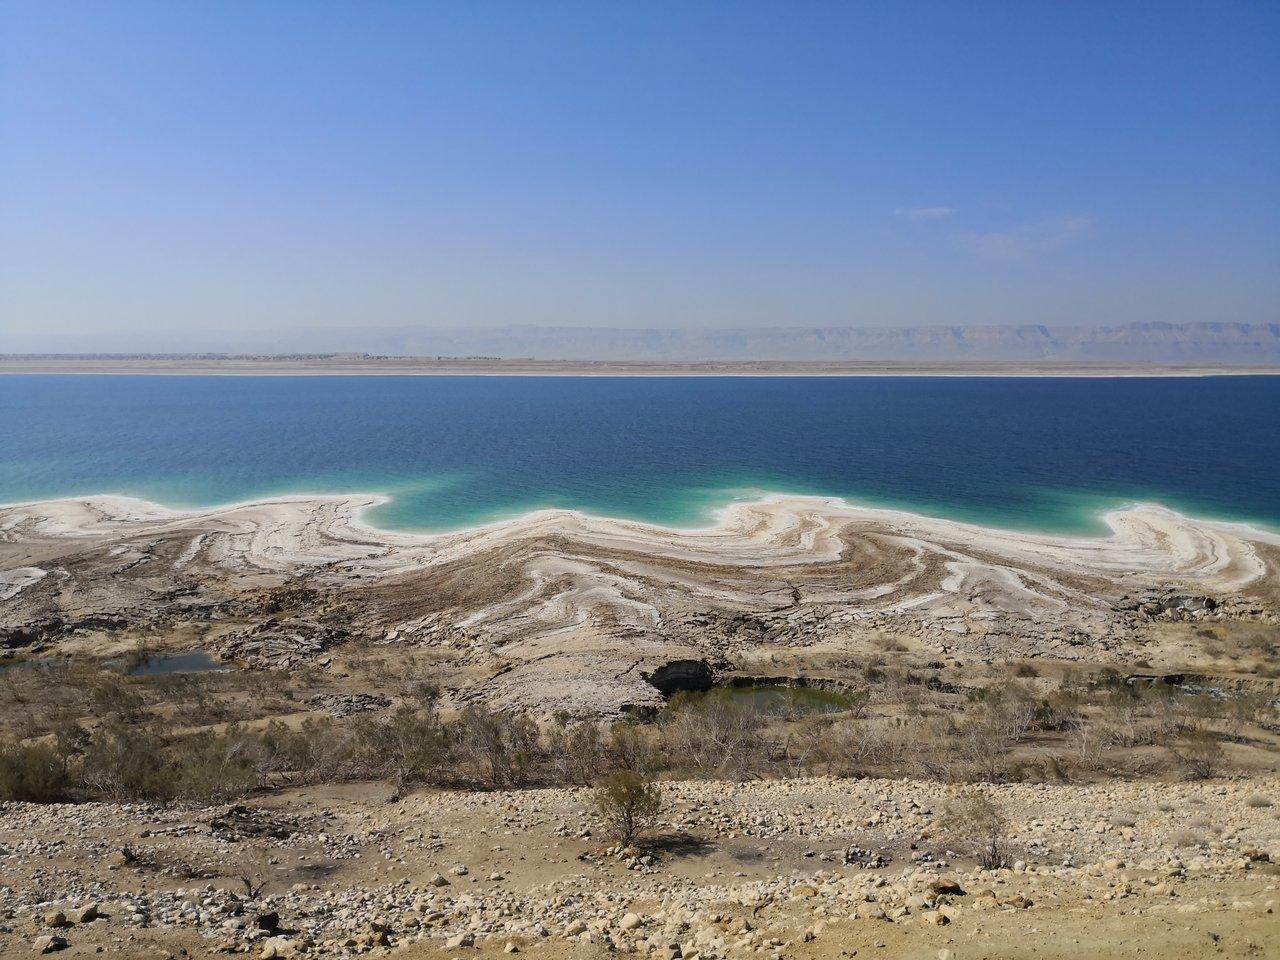 The Dead Sea from Jordan to Israel. | Photo taken by TC K